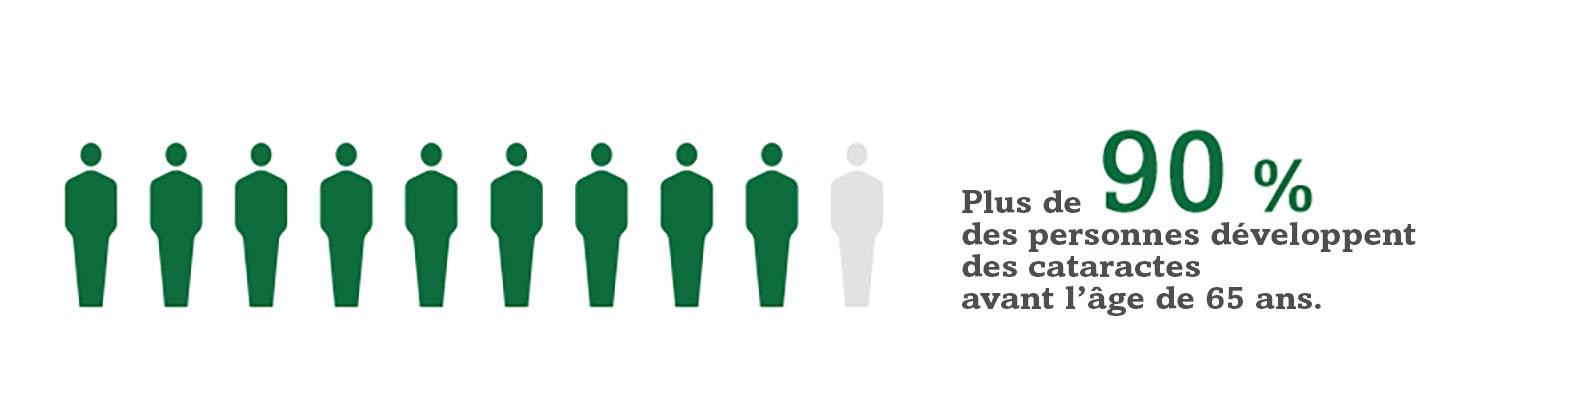 Image montrant 9 personnes sur 10 en couleur pour indiquer que plus de 90 % des personnes développent des cataractes avant l'âge de 65 ans